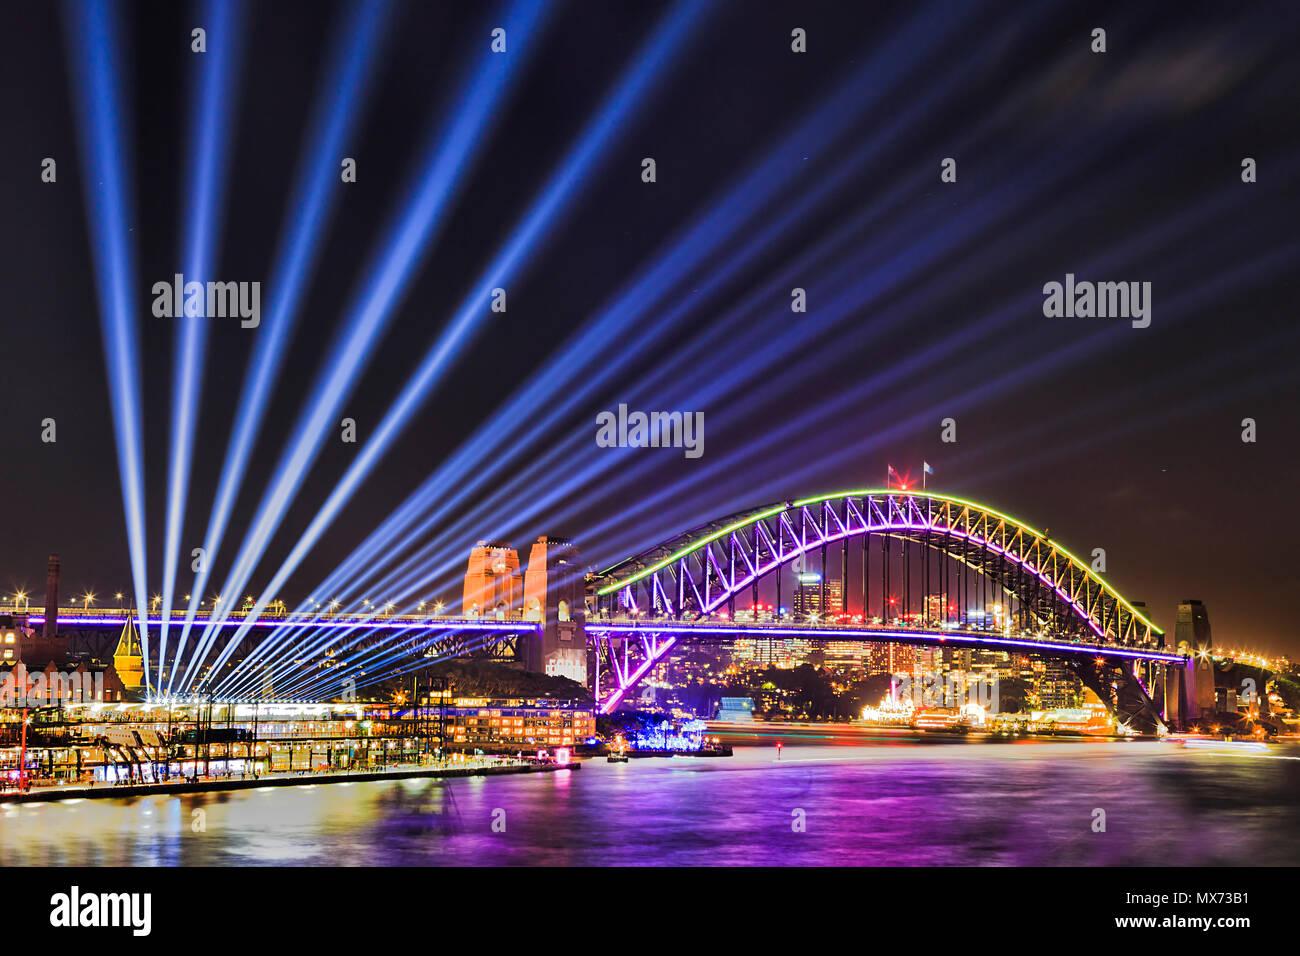 Vivid sydney festival della luce e di idee in Sydney CBD della città intorno al porto con fasci di luce spenta l'Harbour Bridge da Circular Quay. Immagini Stock